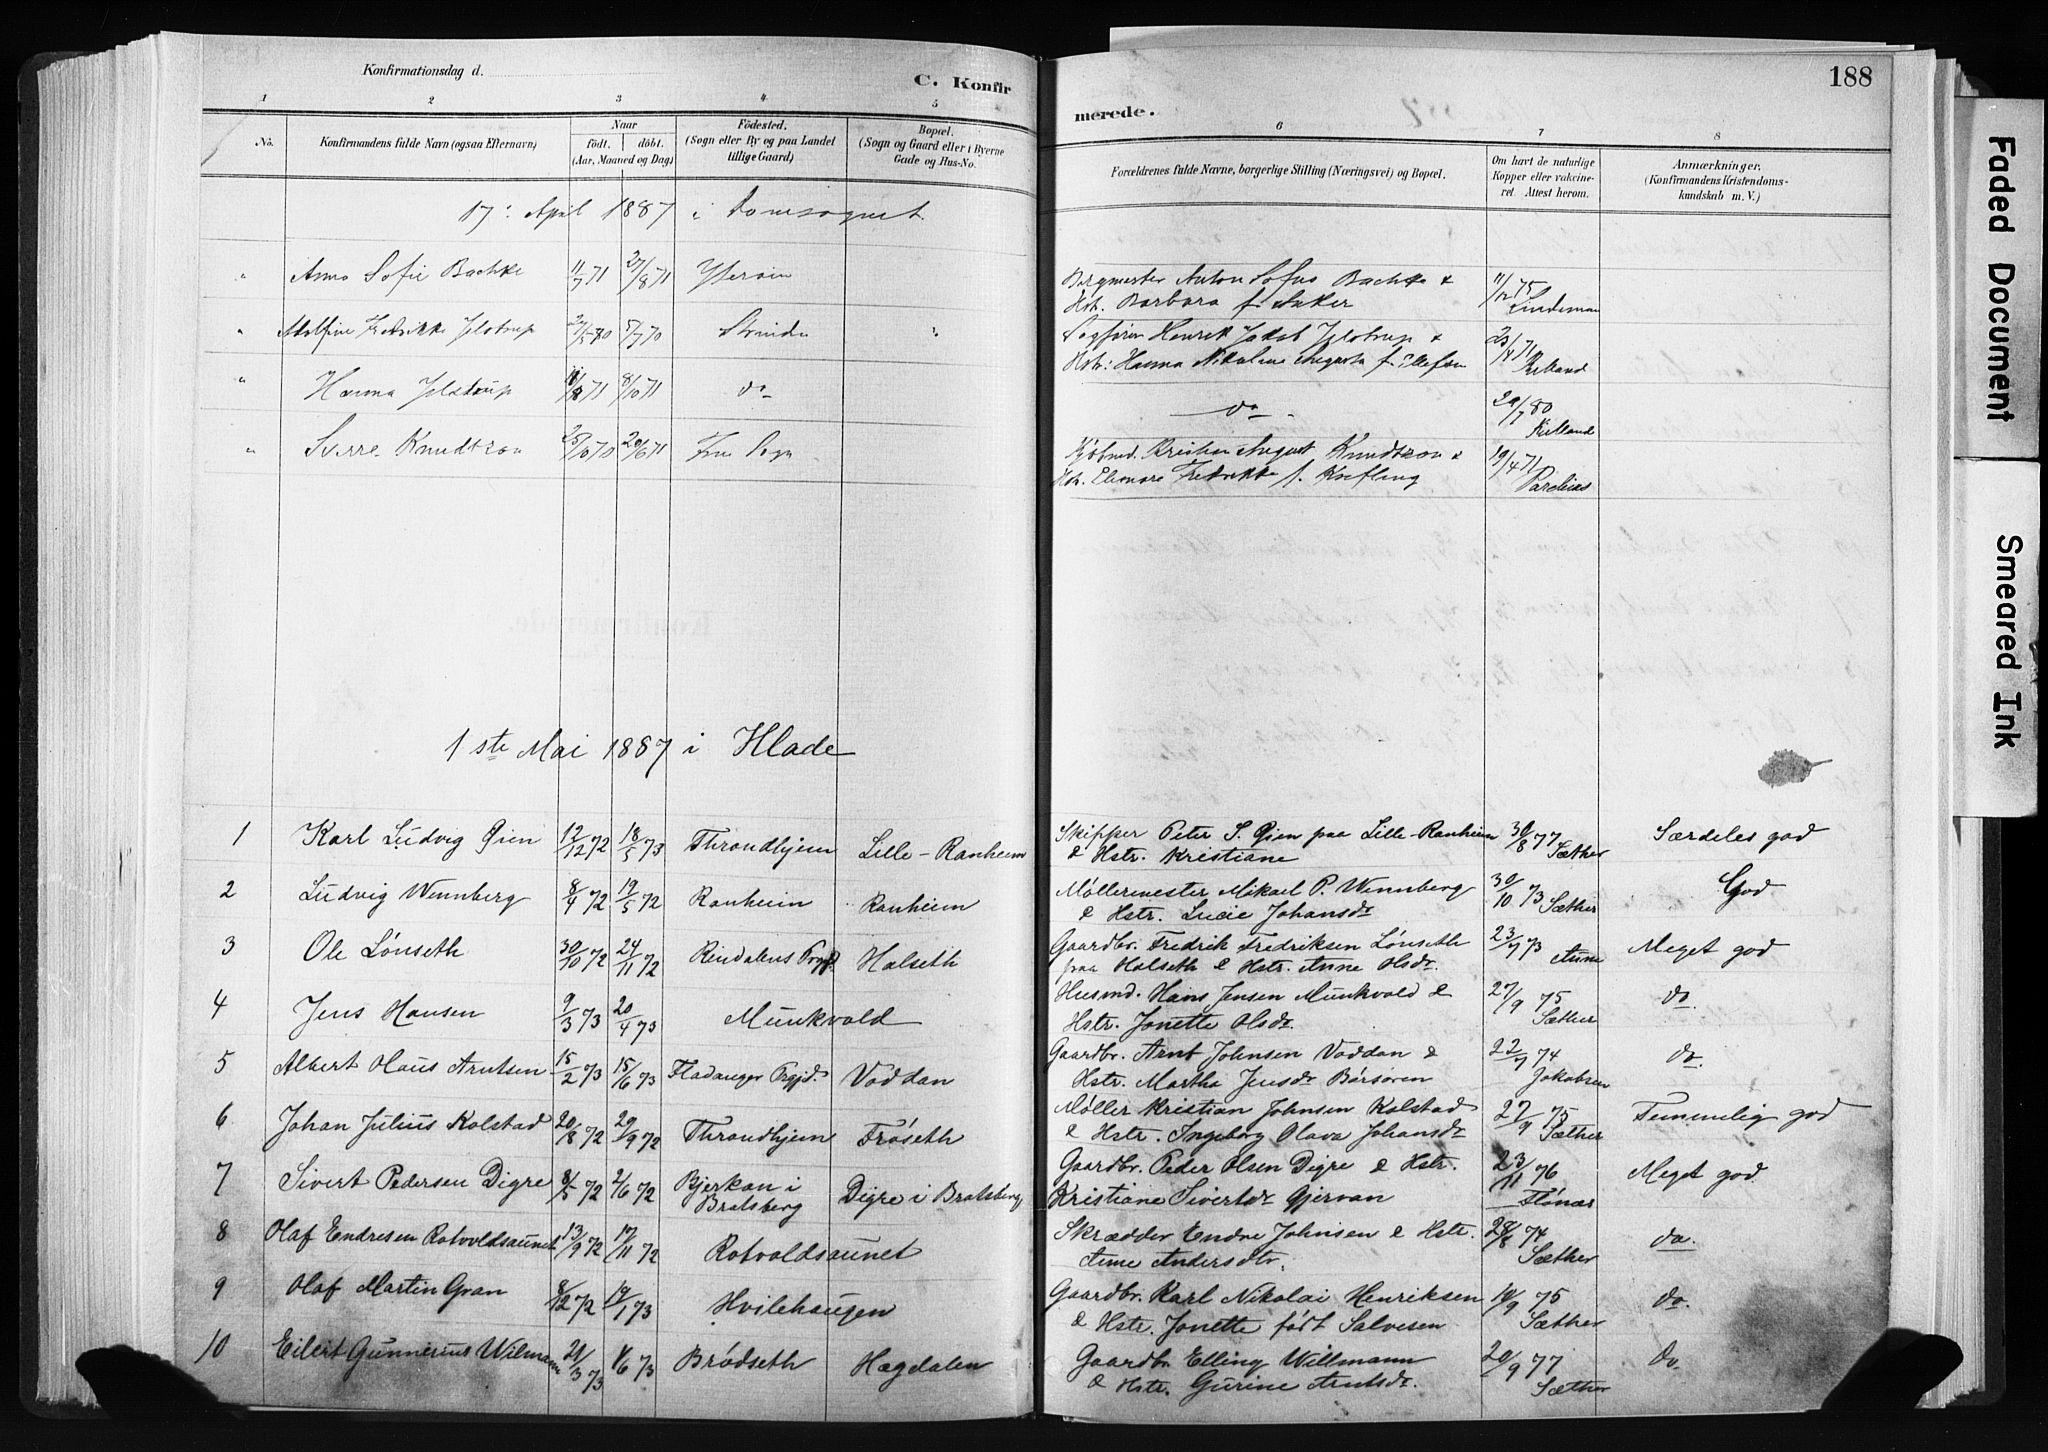 SAT, Ministerialprotokoller, klokkerbøker og fødselsregistre - Sør-Trøndelag, 606/L0300: Ministerialbok nr. 606A15, 1886-1893, s. 188